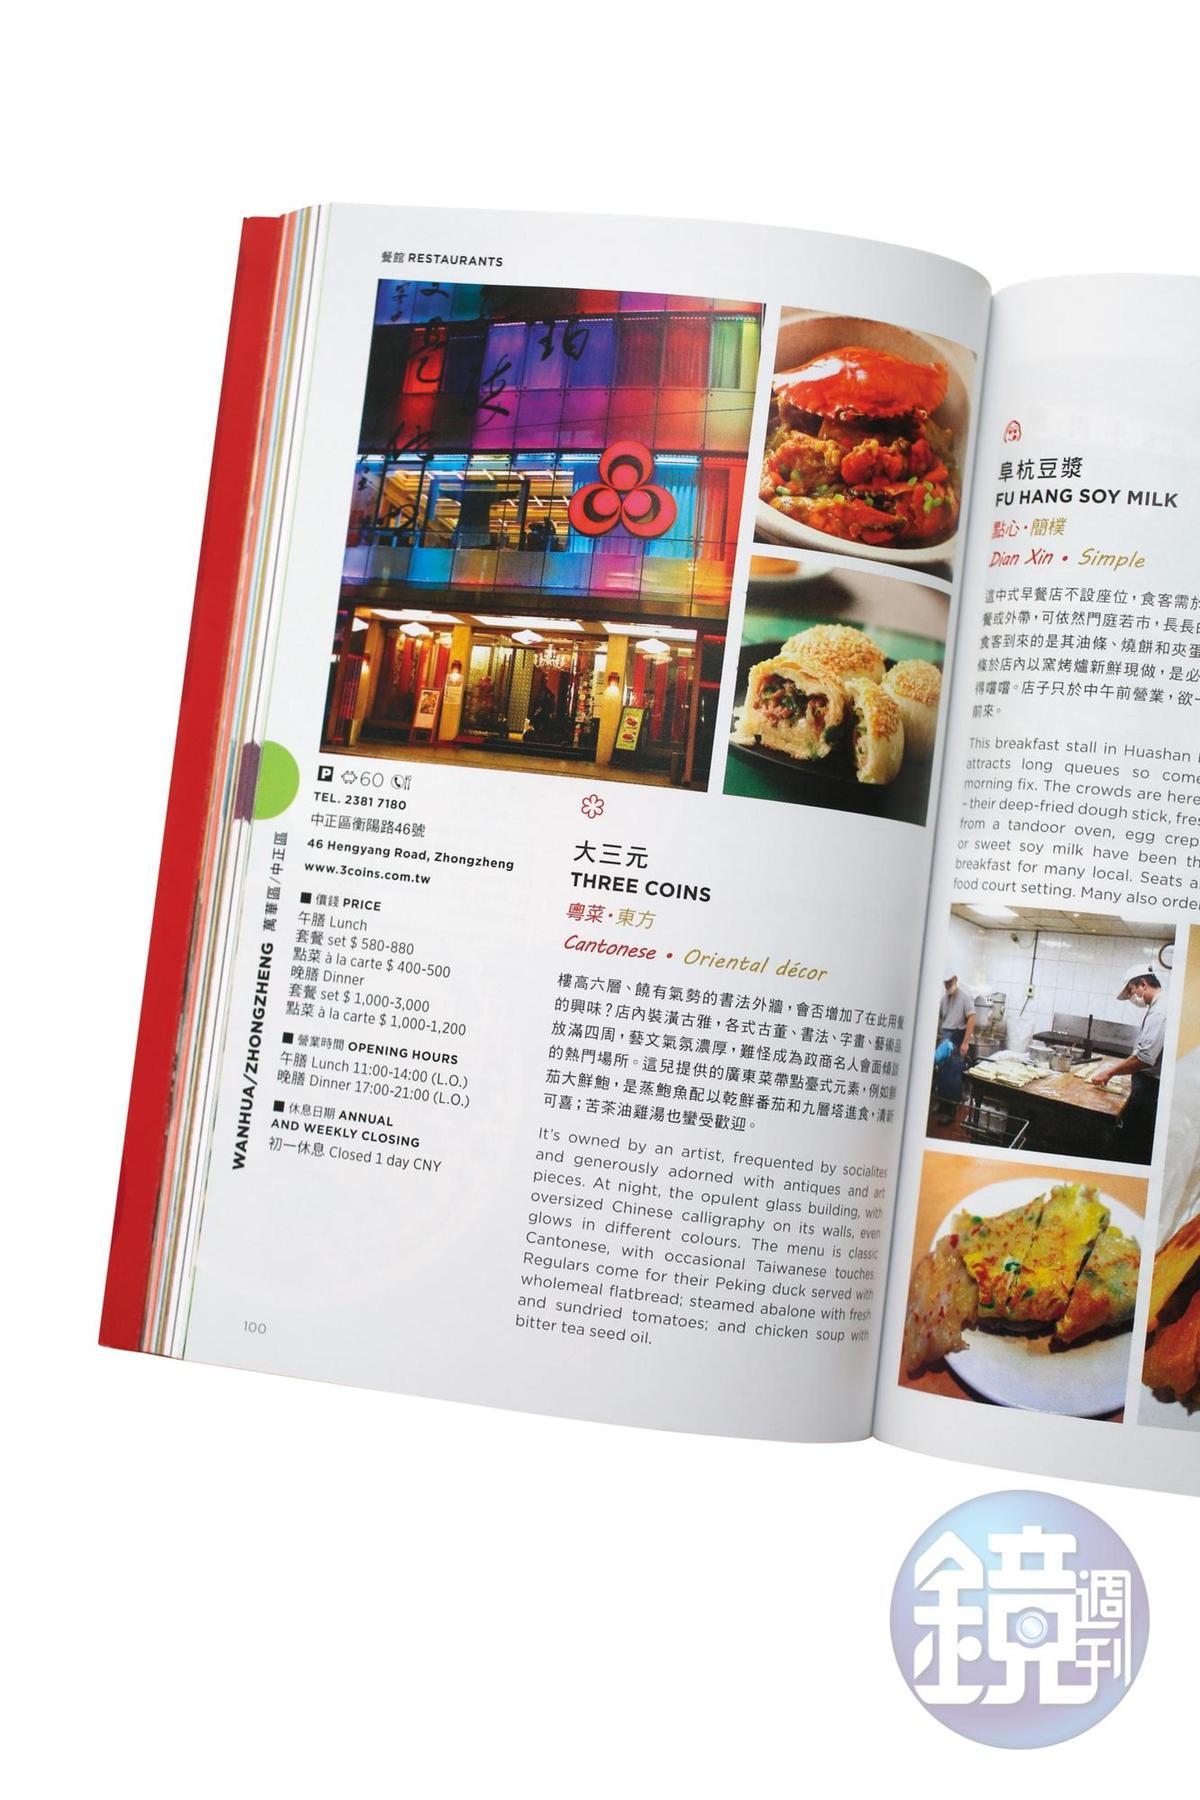 大三元酒樓以海鮮粵菜著稱,獲得米其林一星肯定。